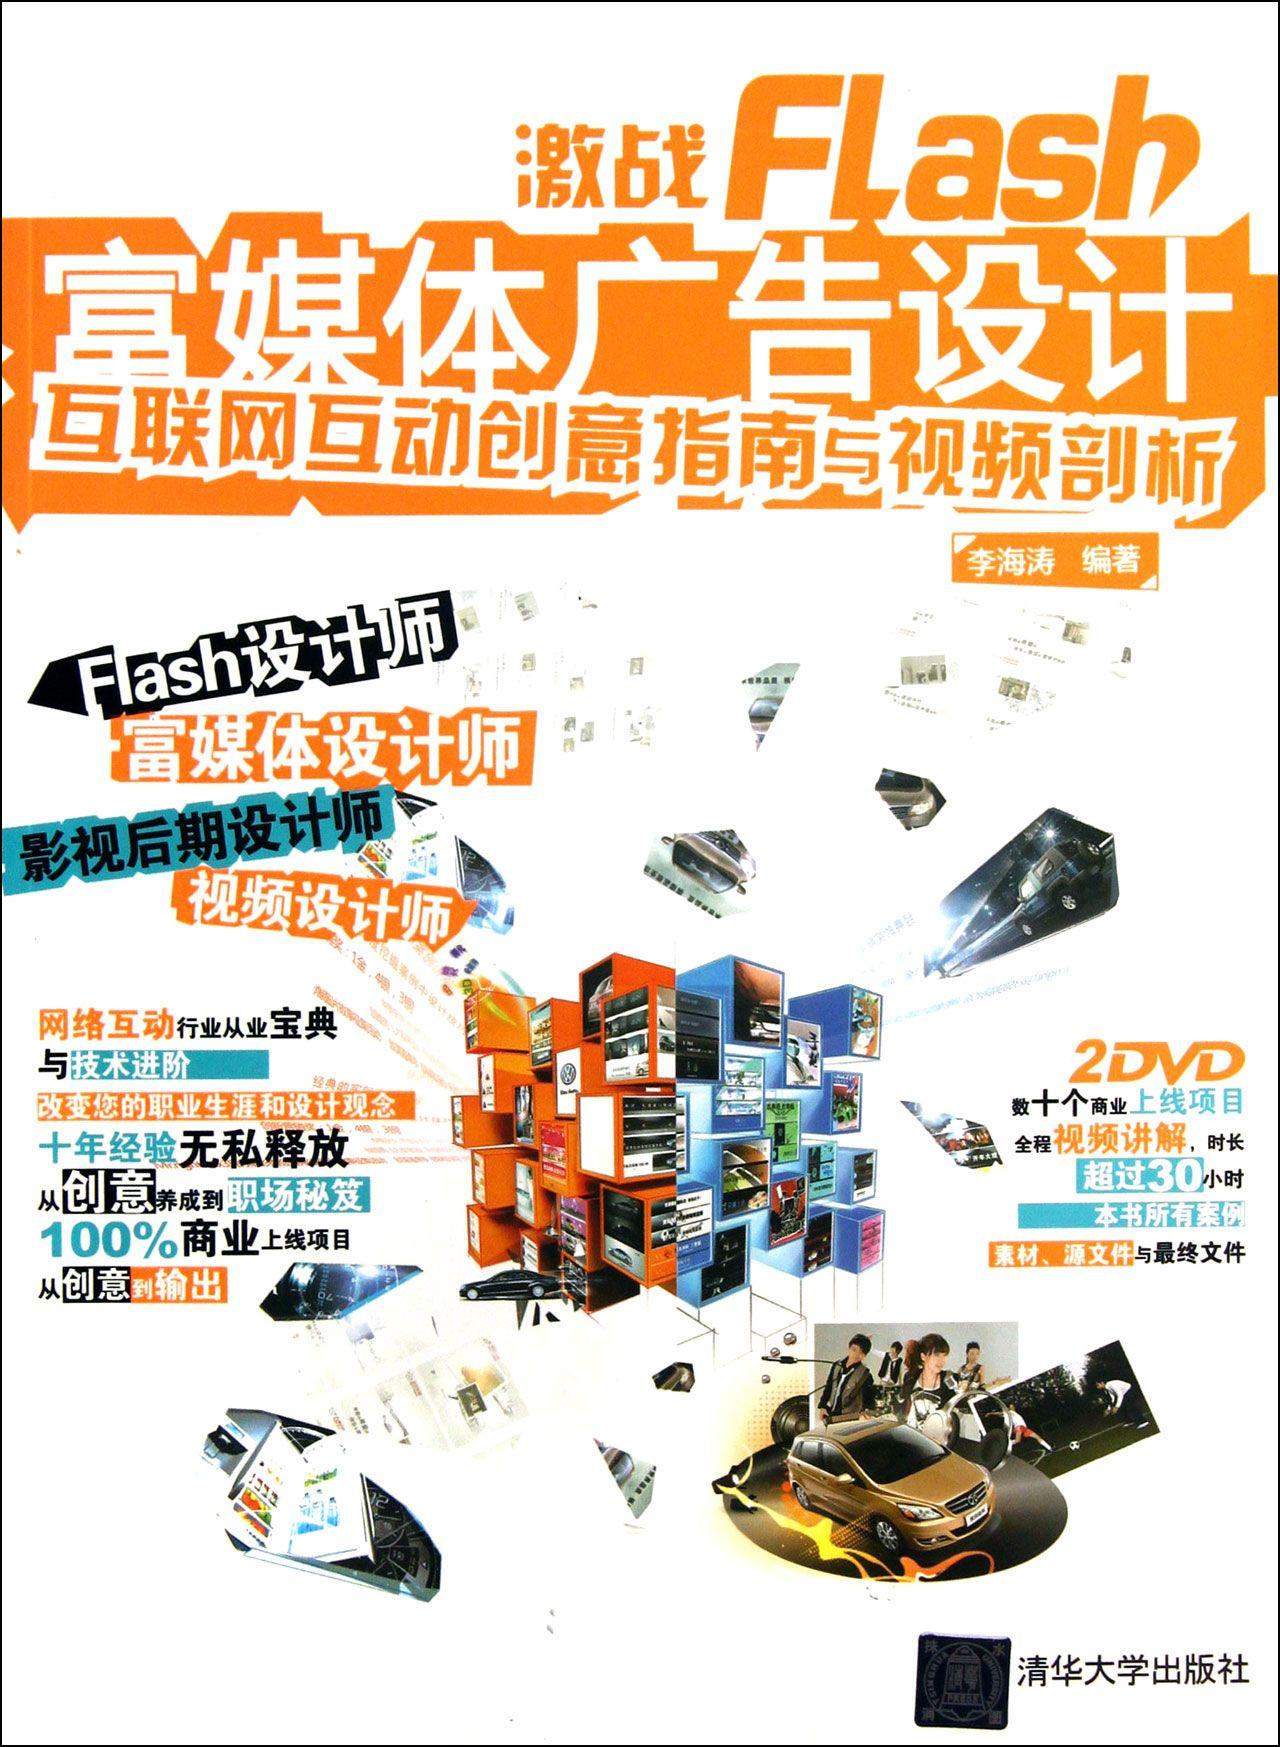 激战flash富媒体广告设计(附光盘互联网互动创意指南与视频剖析)